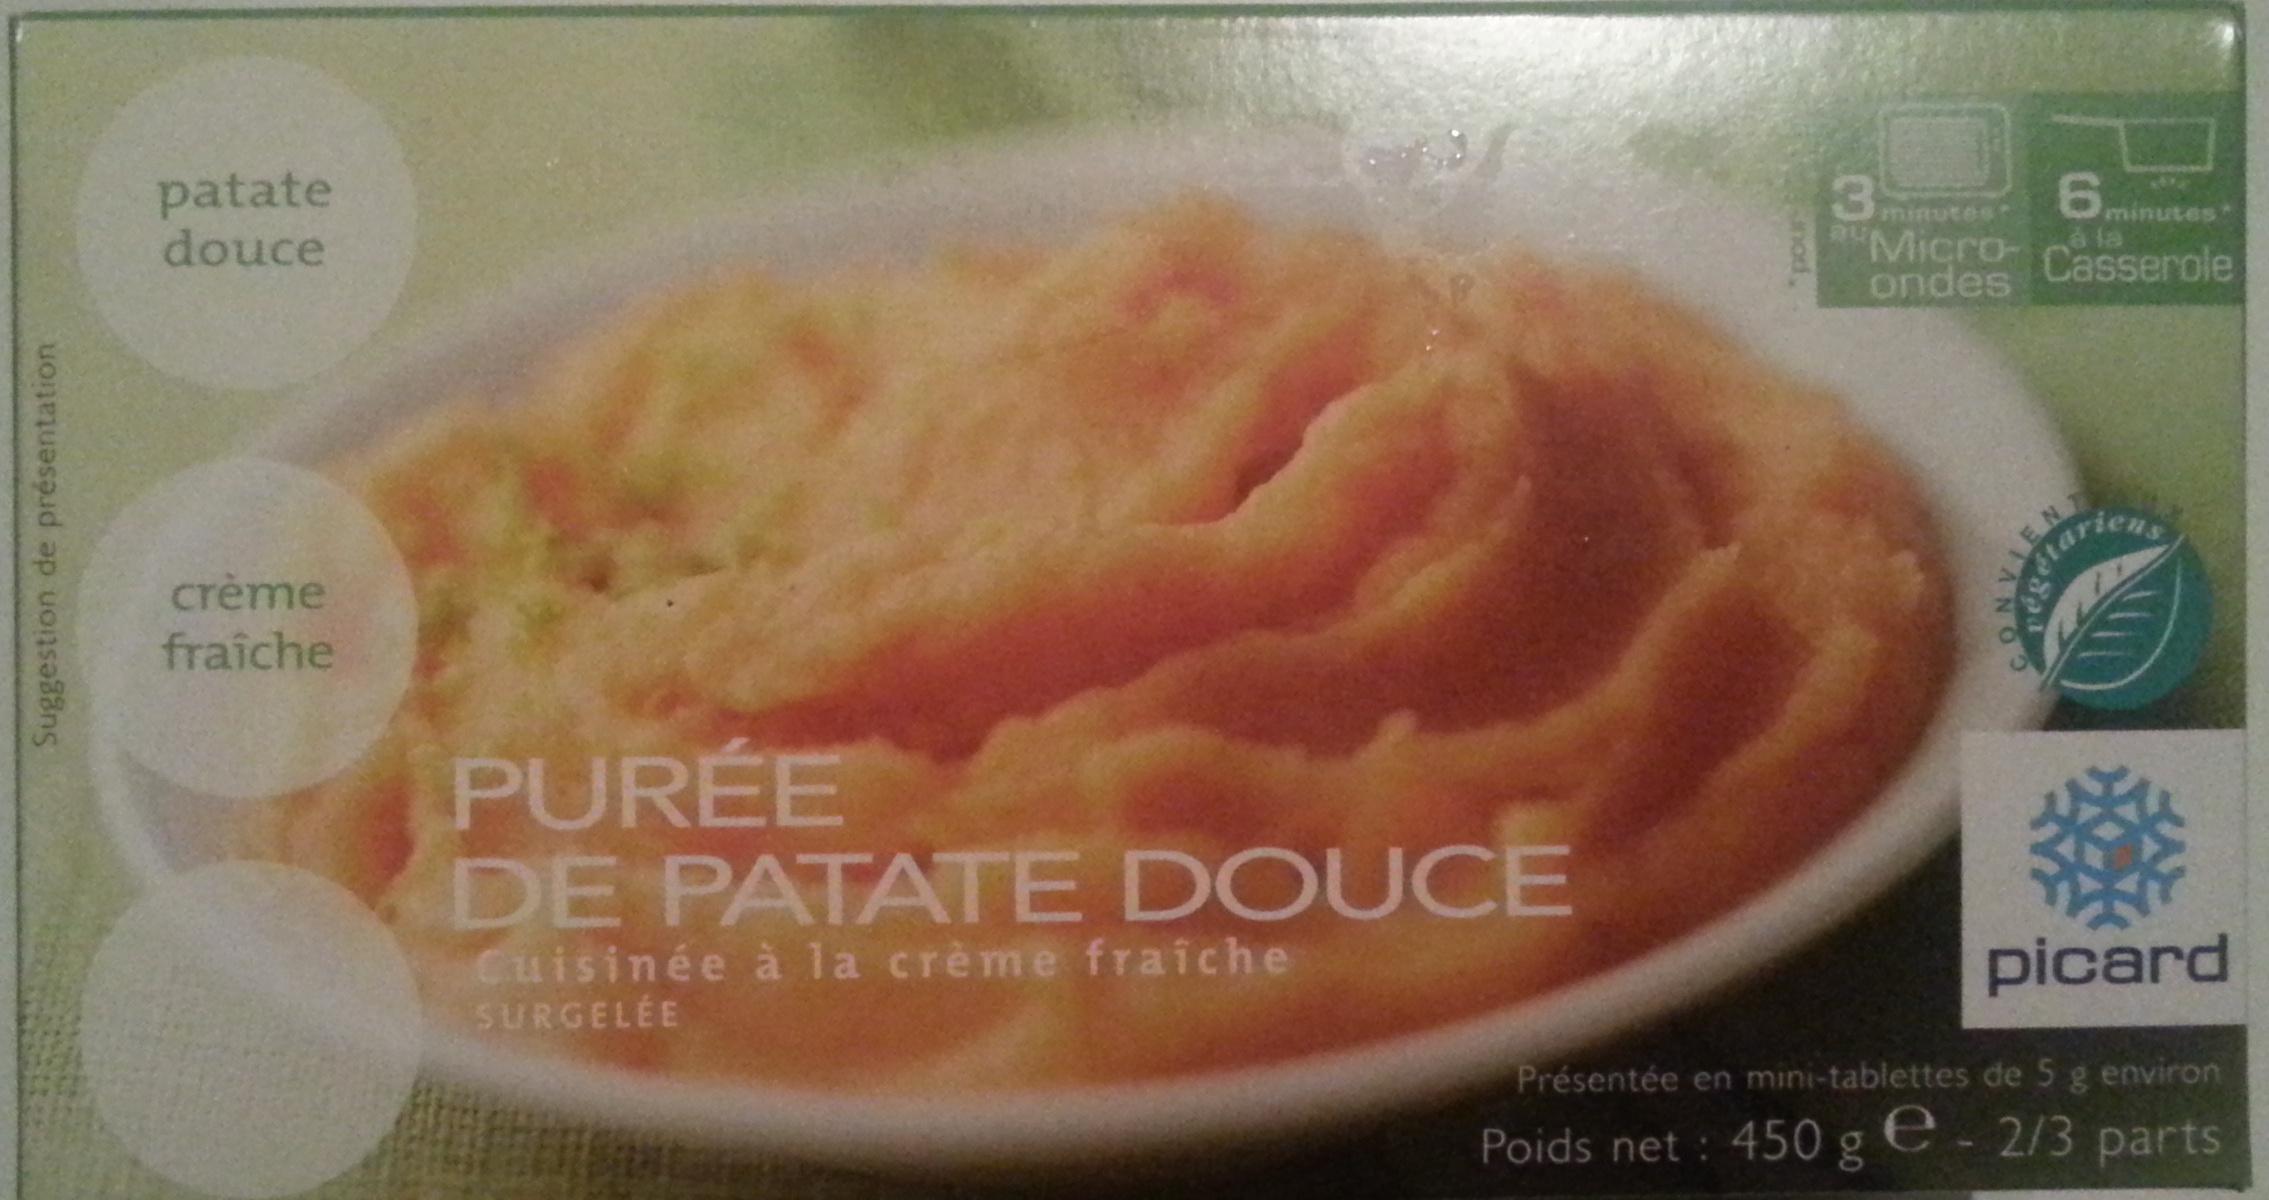 Purée de patate douce - Produit